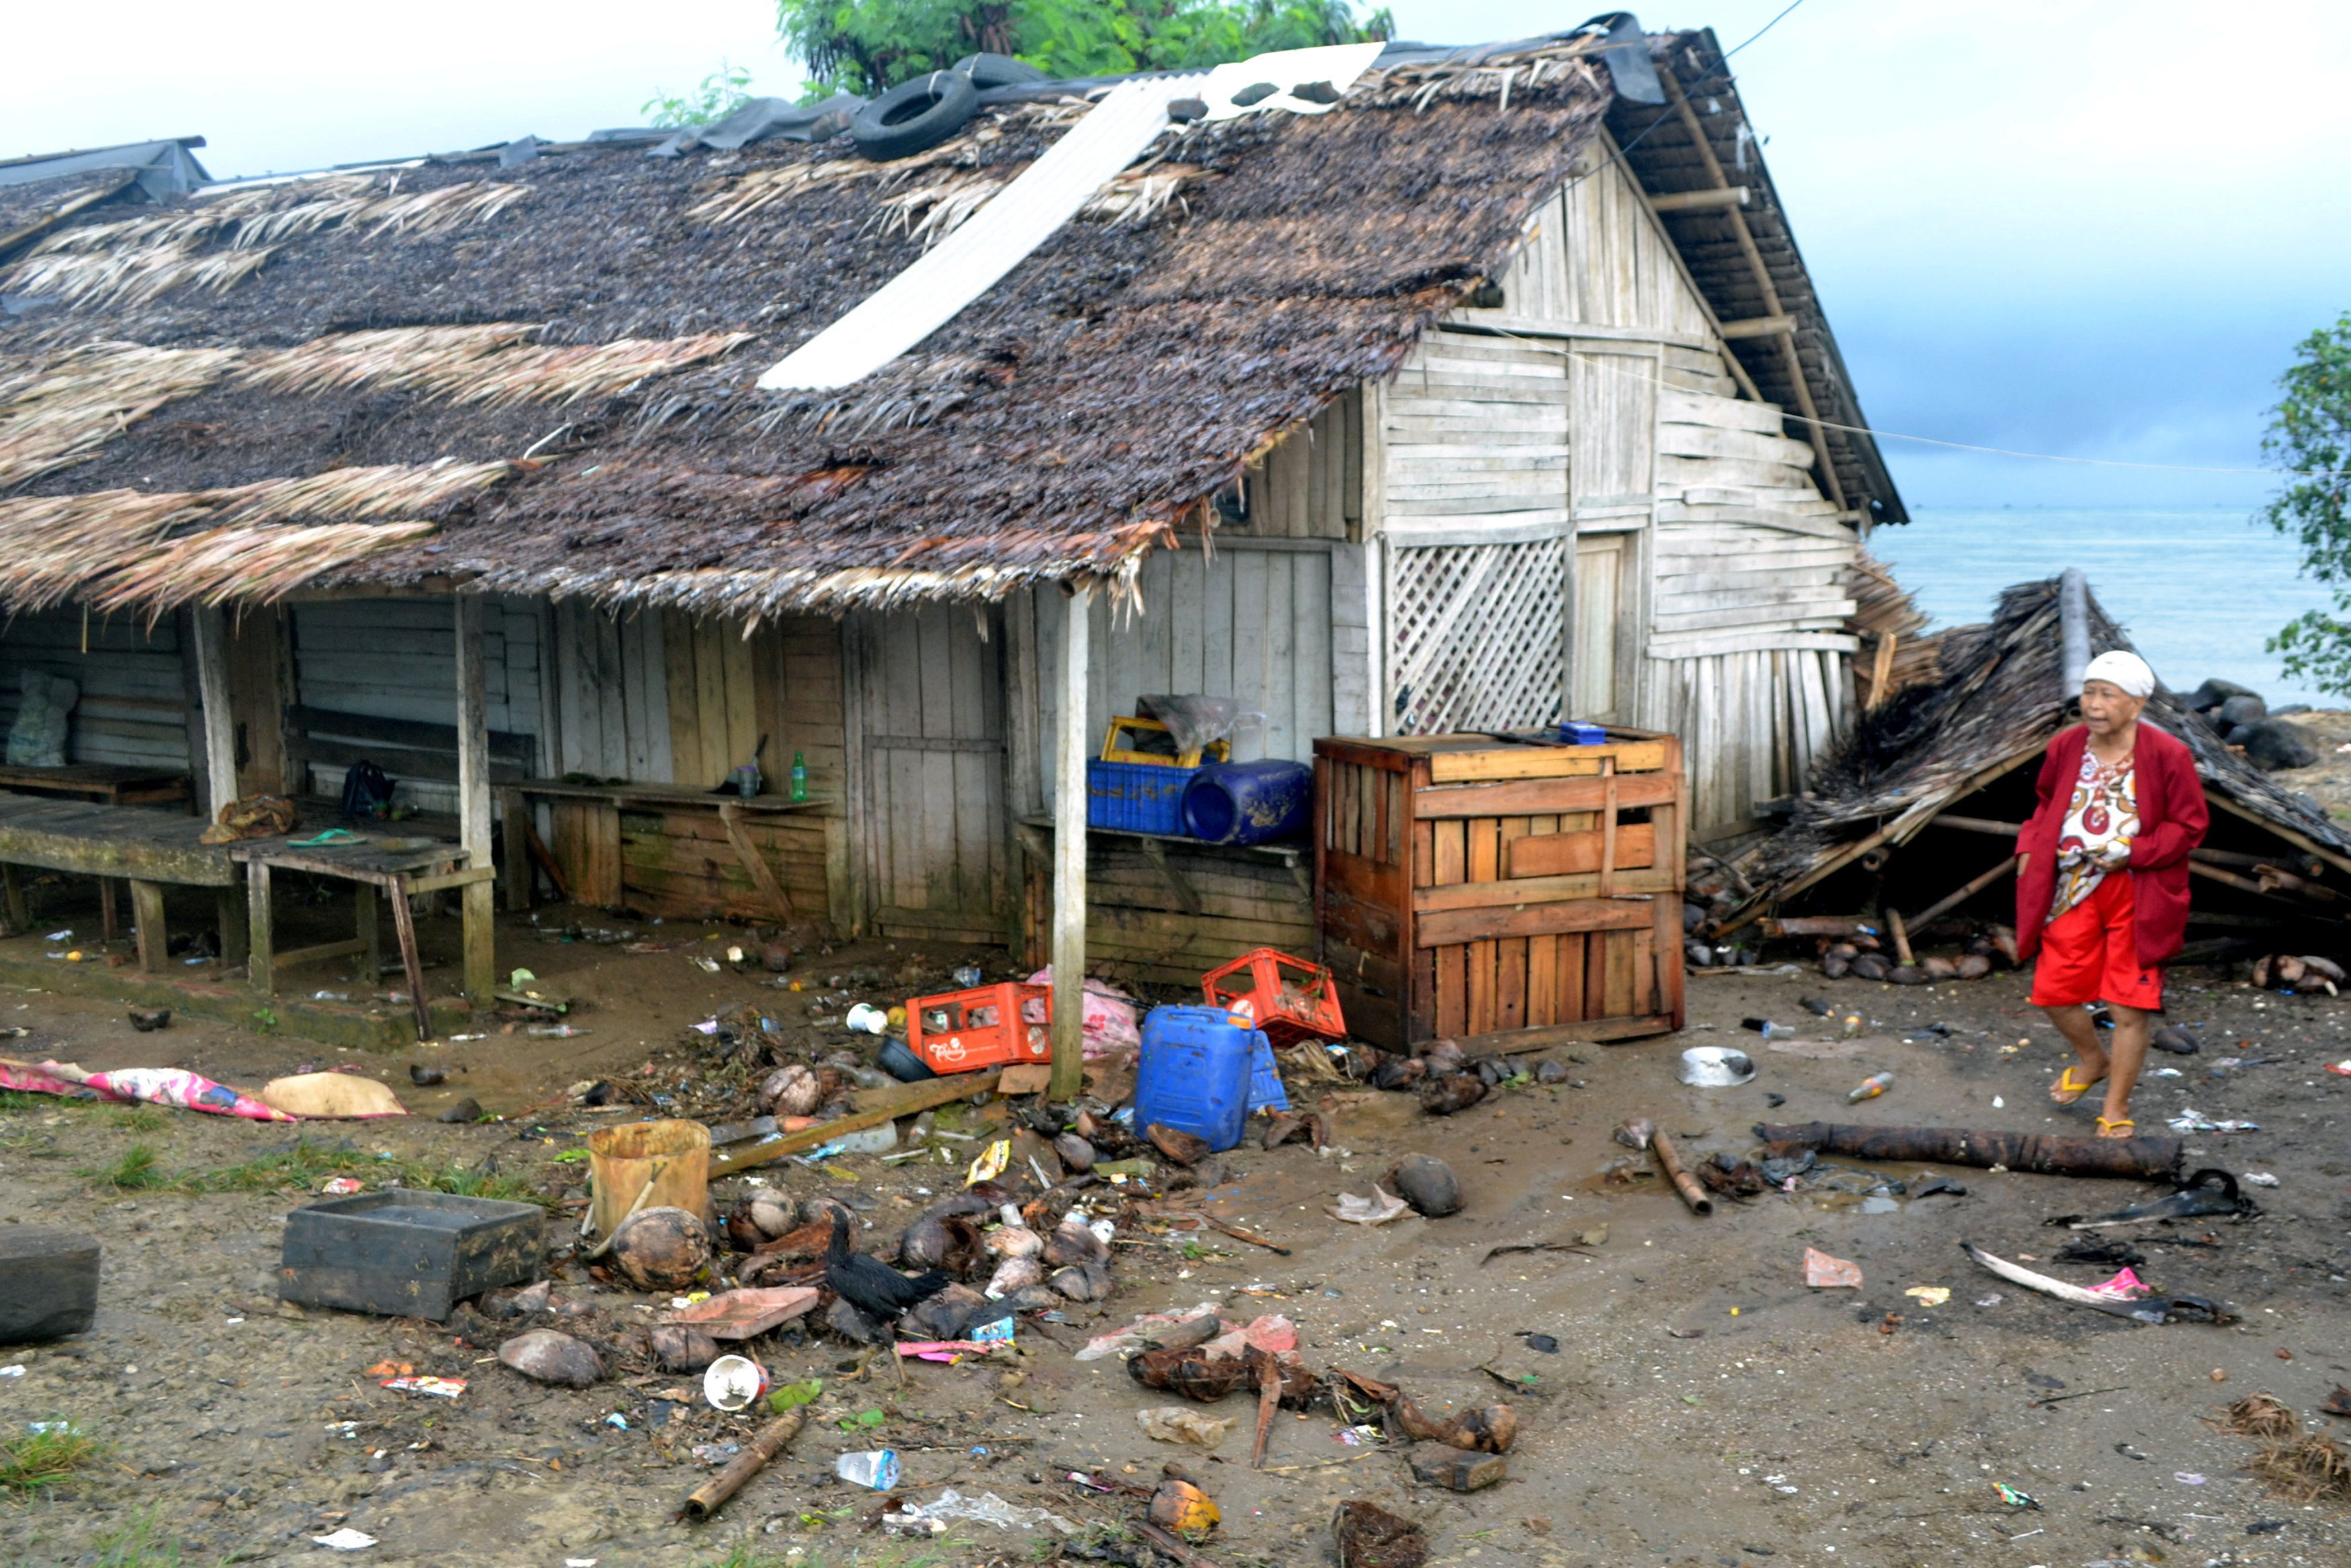 indonisia-xeperasan-toys-220-oi-nekroi-apo-to-tsoynami-meta-tin-ekrixi-ifaisteioy-fotografies-amp-8211-vinteo5